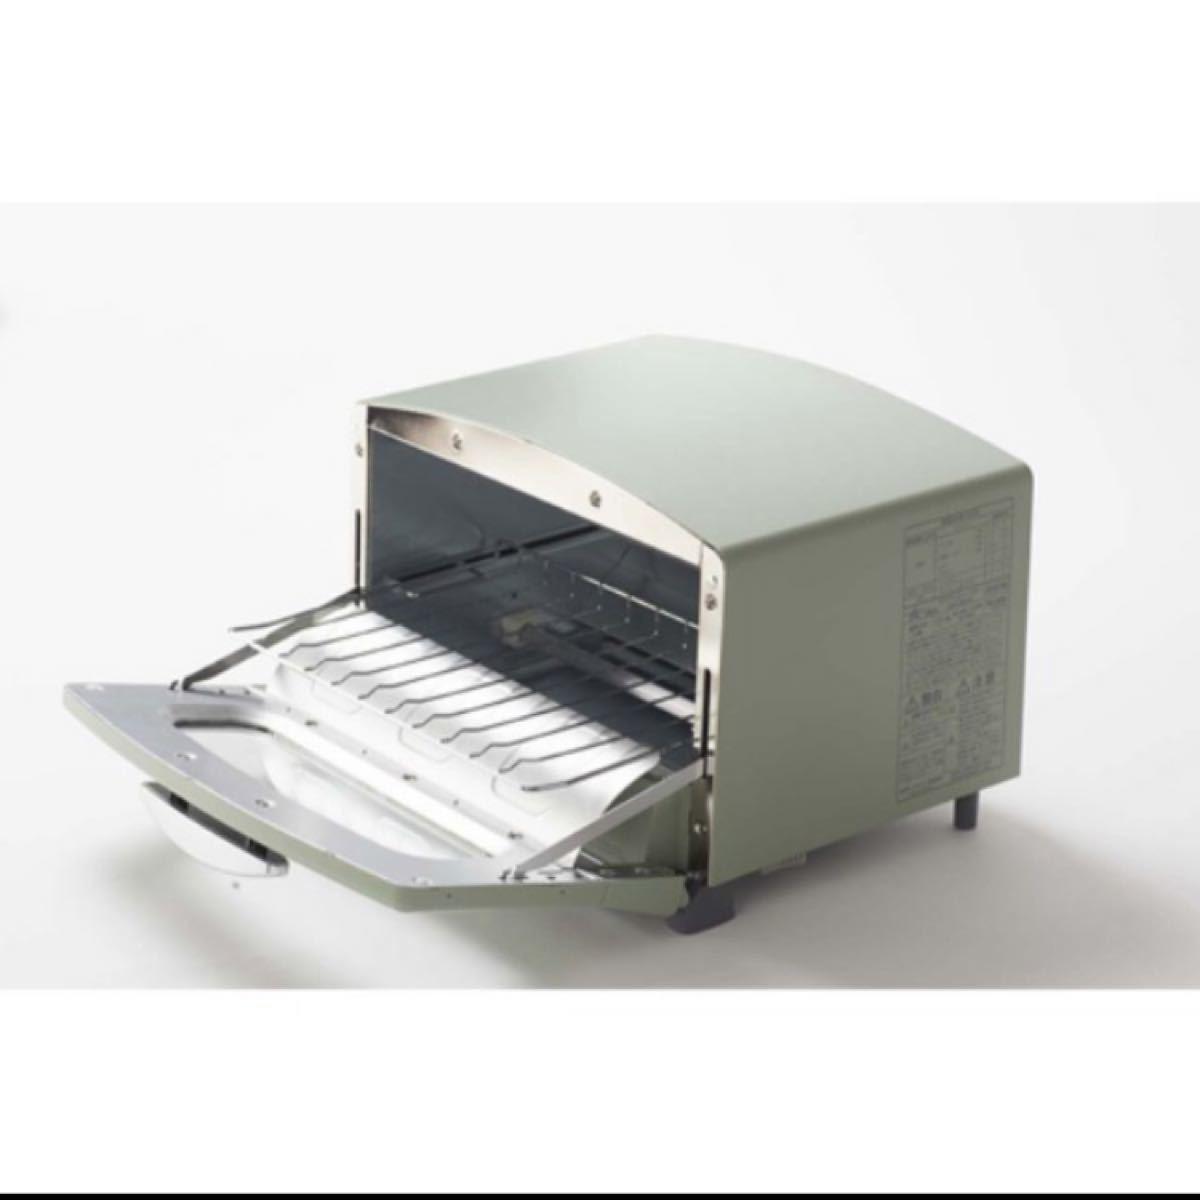 アラジン グラファイトトースター グリーン オーブントースター